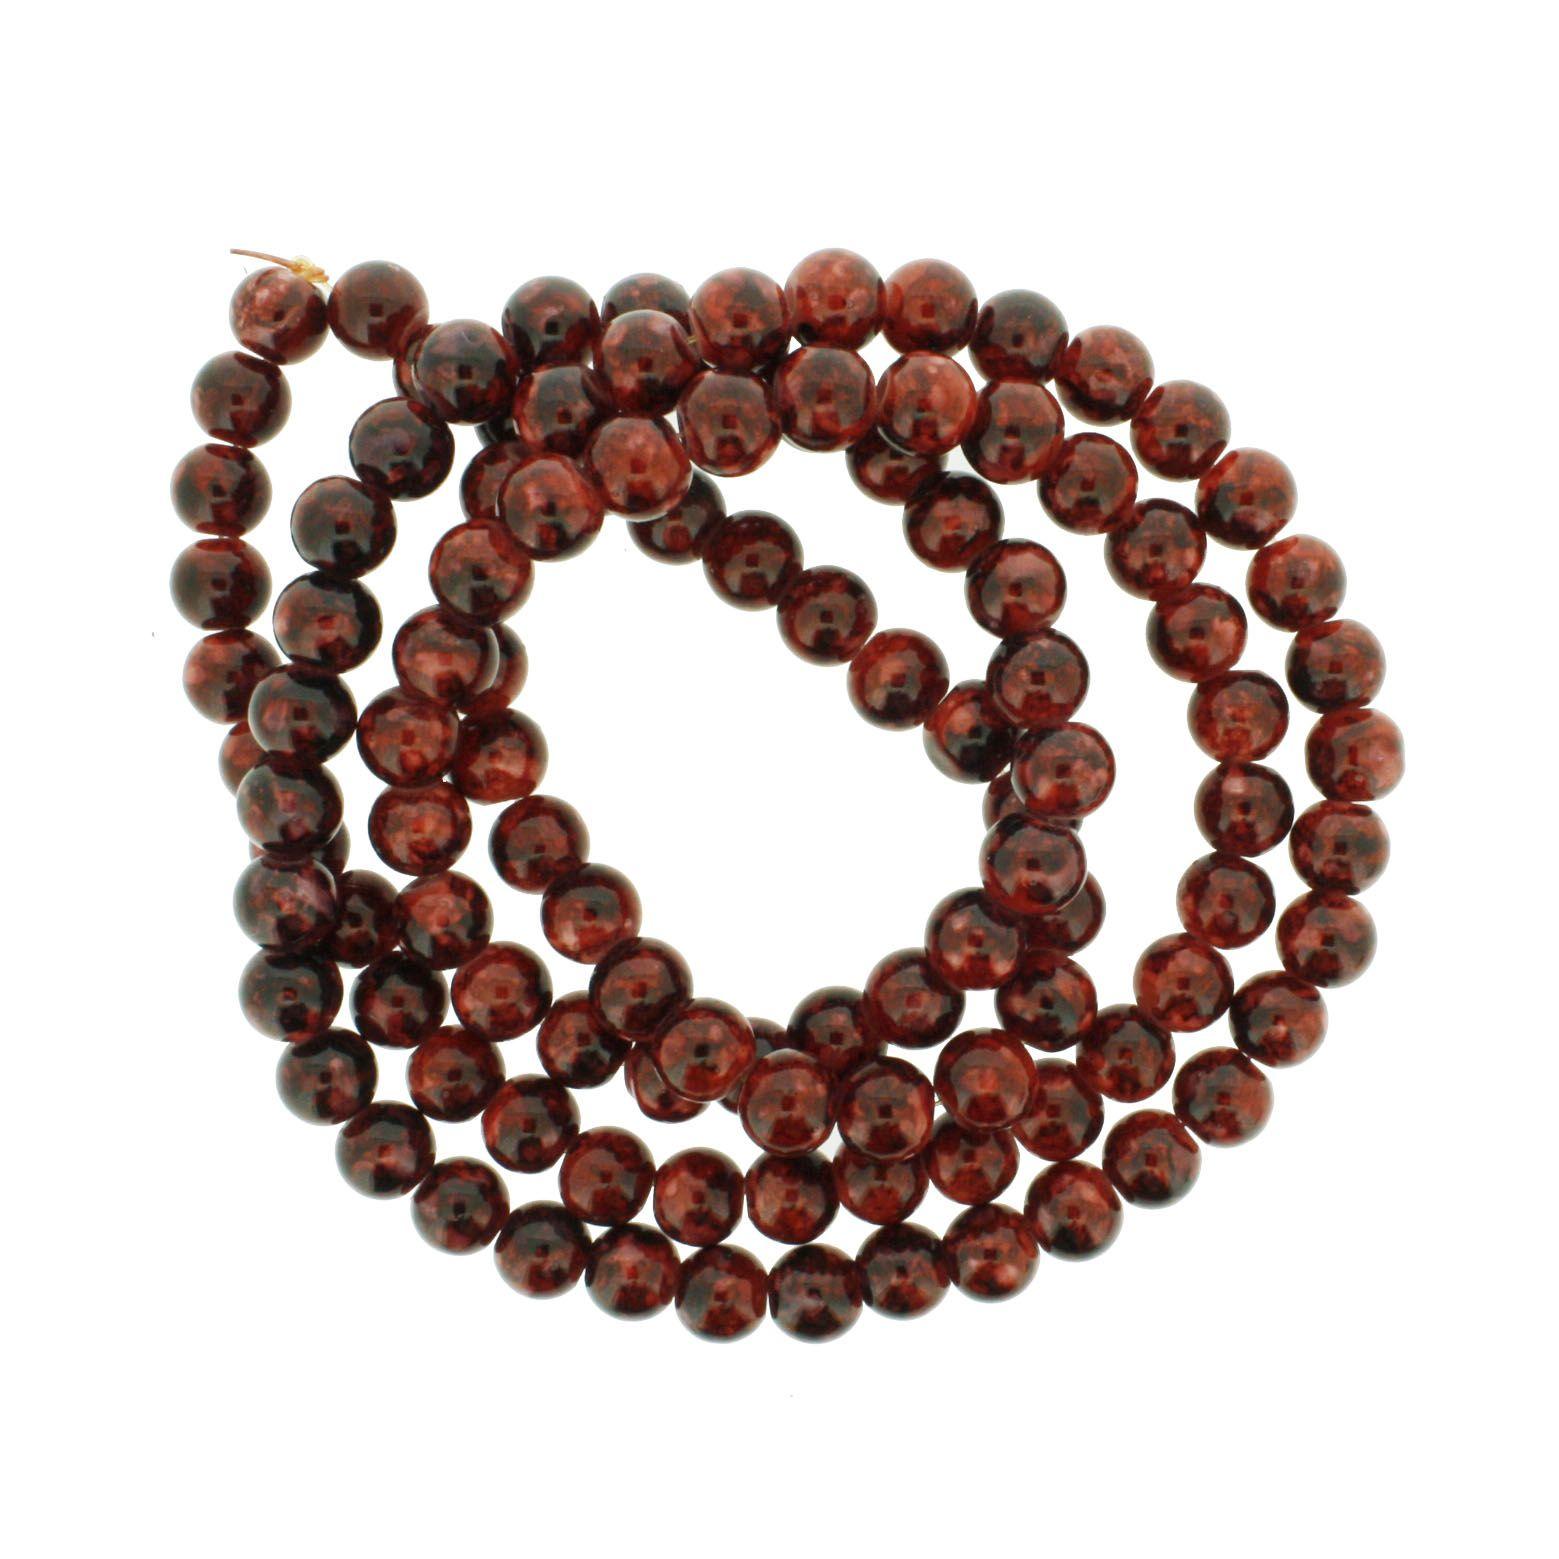 Fio de Contas Pintadas - Vermelho com Preto - 8mm  - Universo Religioso® - Artigos de Umbanda e Candomblé